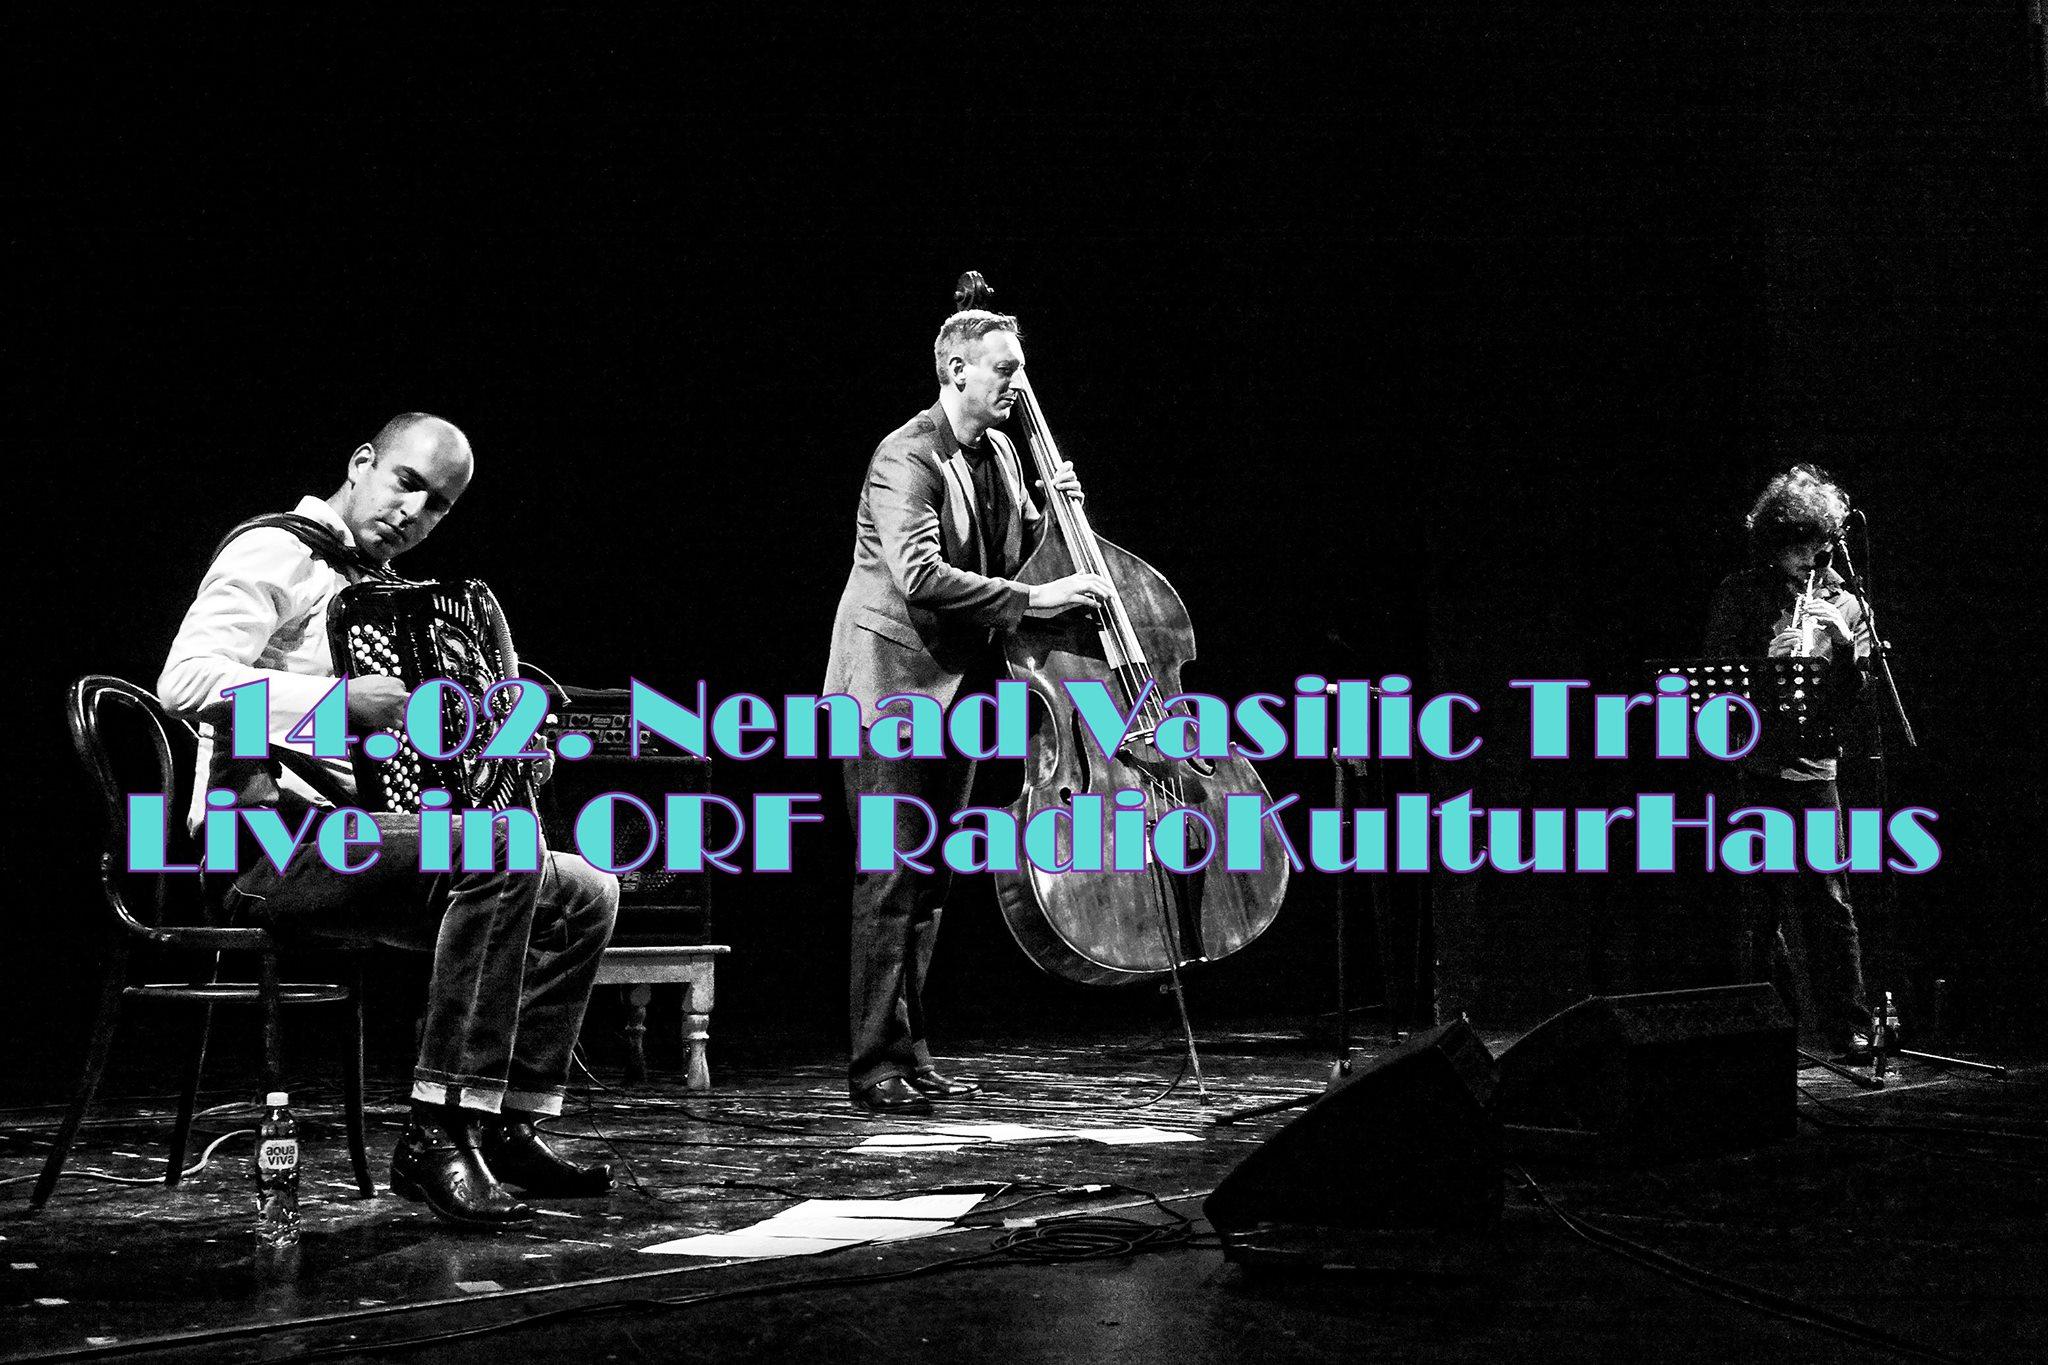 Užitak za ljubitelje džeza: Nenad Vasilić Trio